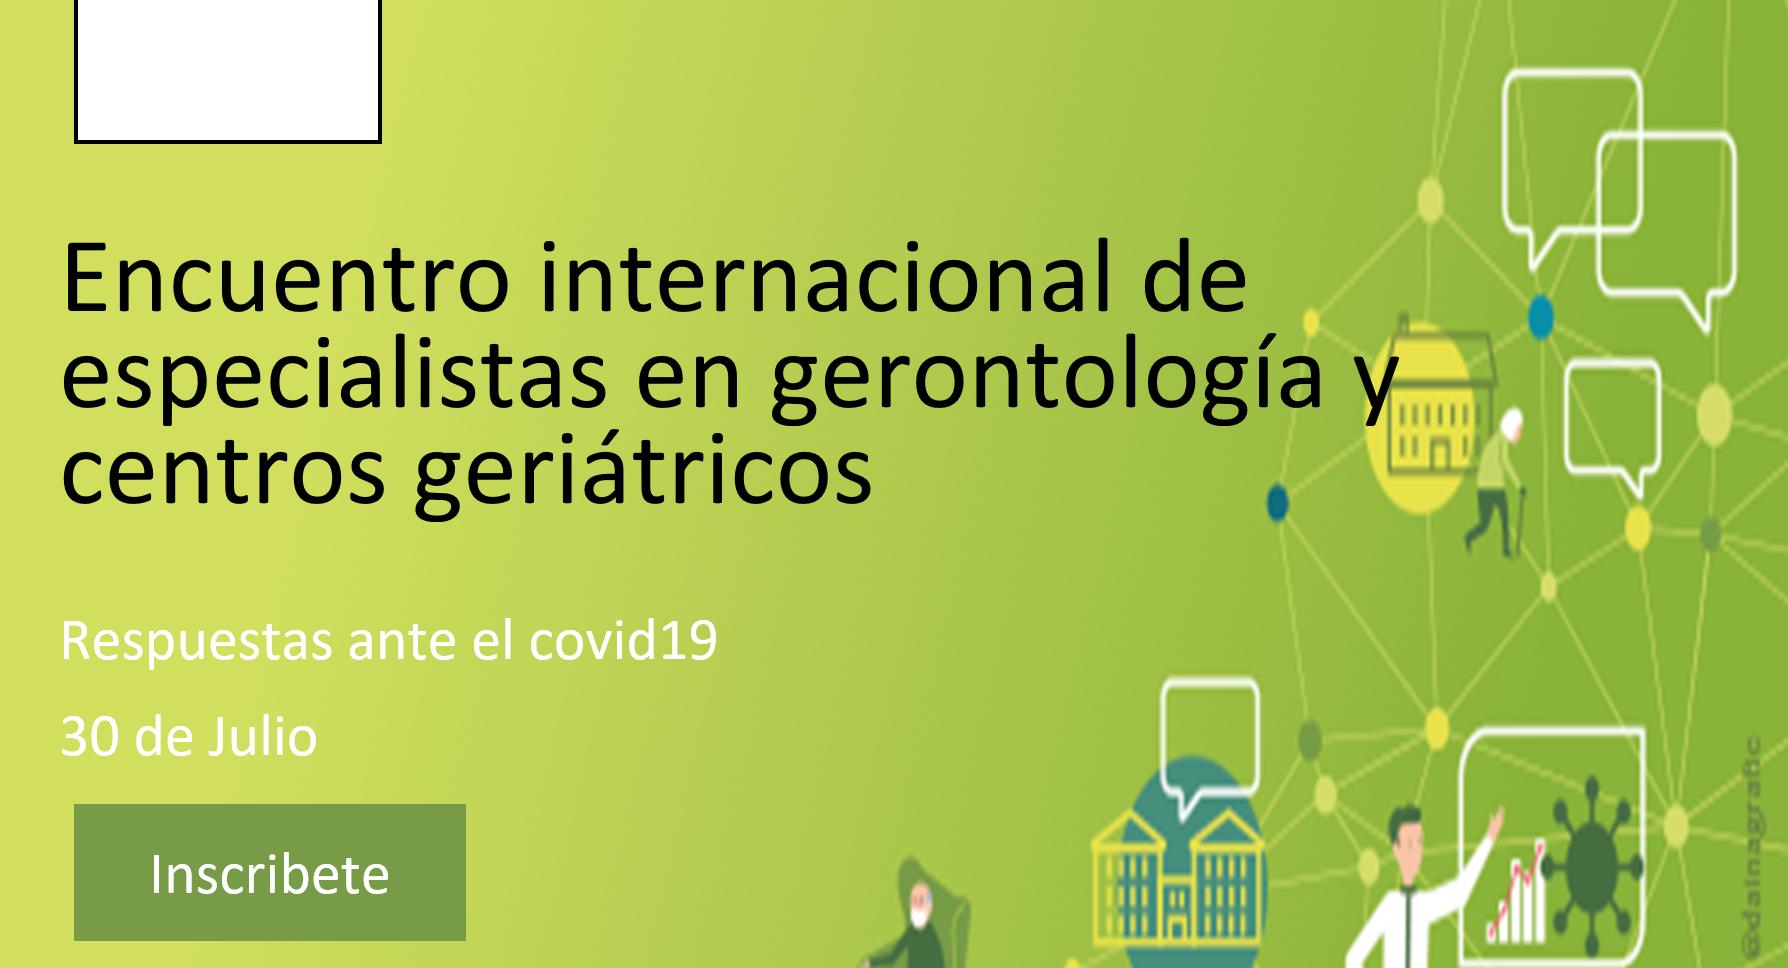 Encuentro internacional de especialistas en gerontología y centros geriátricos